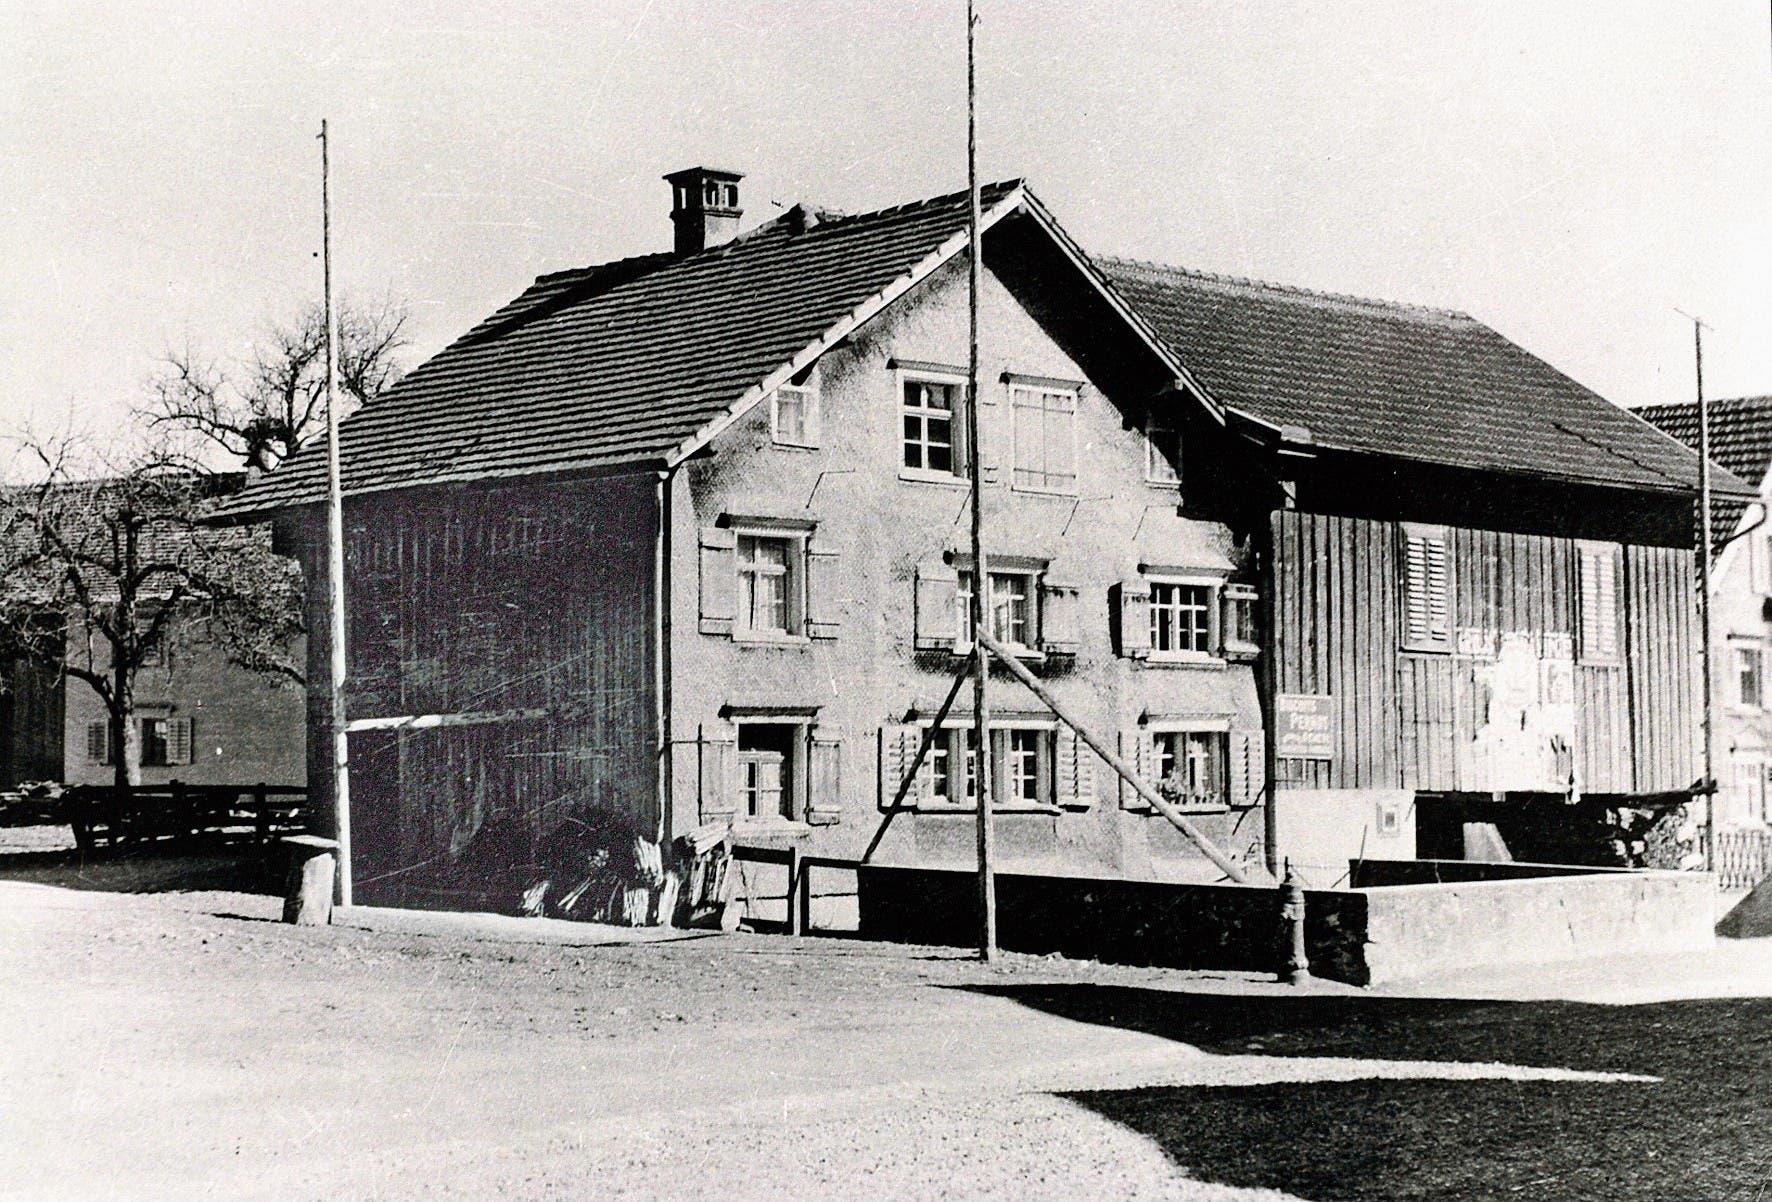 Das 1927 abgebrochene Bauernhaus von Andreas Rohrer mit mauerumstellter Mistgrube direkt an der Strasse.